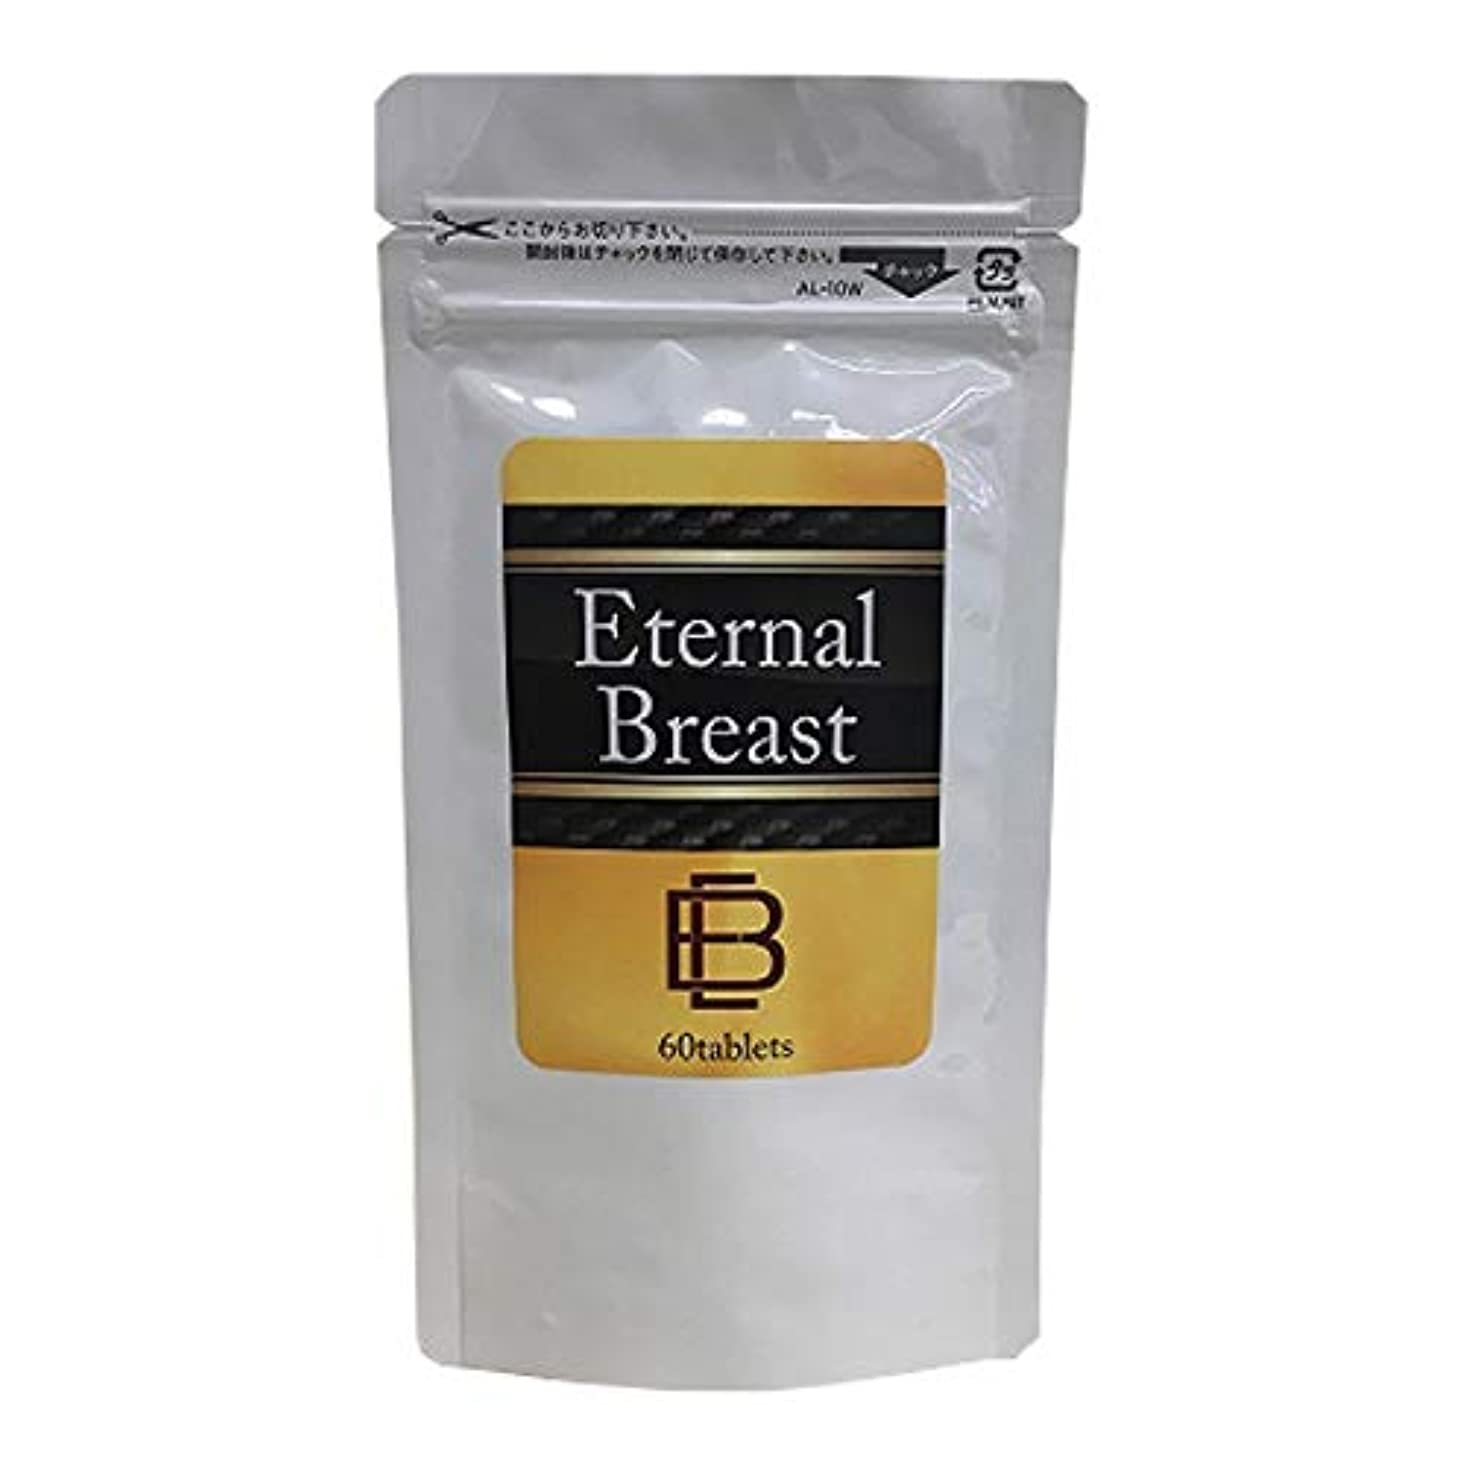 ハンサム同封する内部エターナルブレスト サプリメント 60粒 約30日分